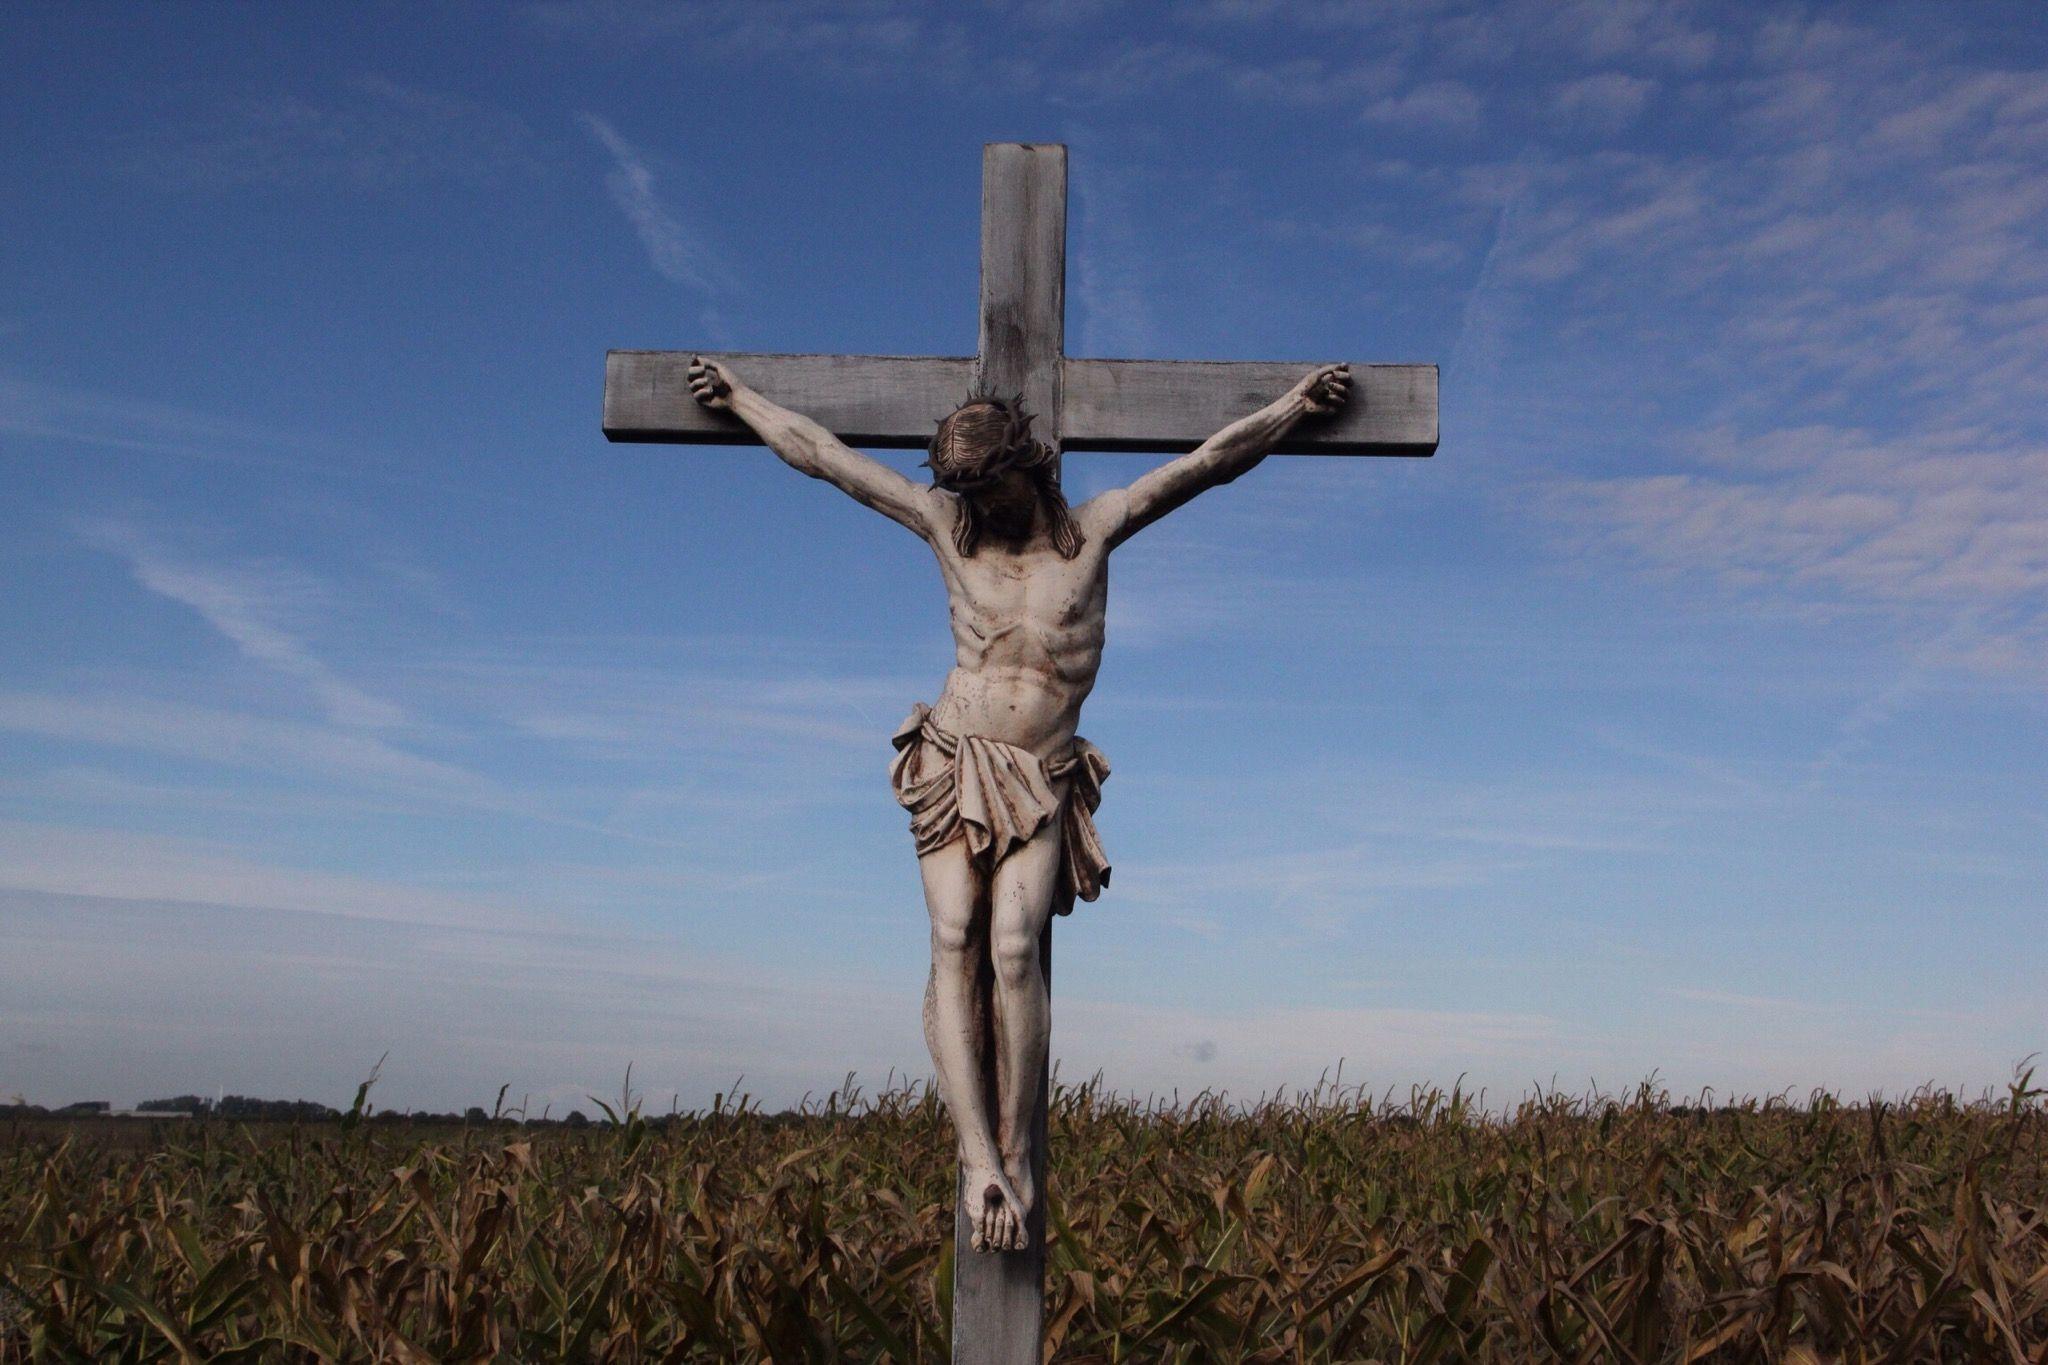 выстраиваются прочным картинки бог на кресте бар отзывы много